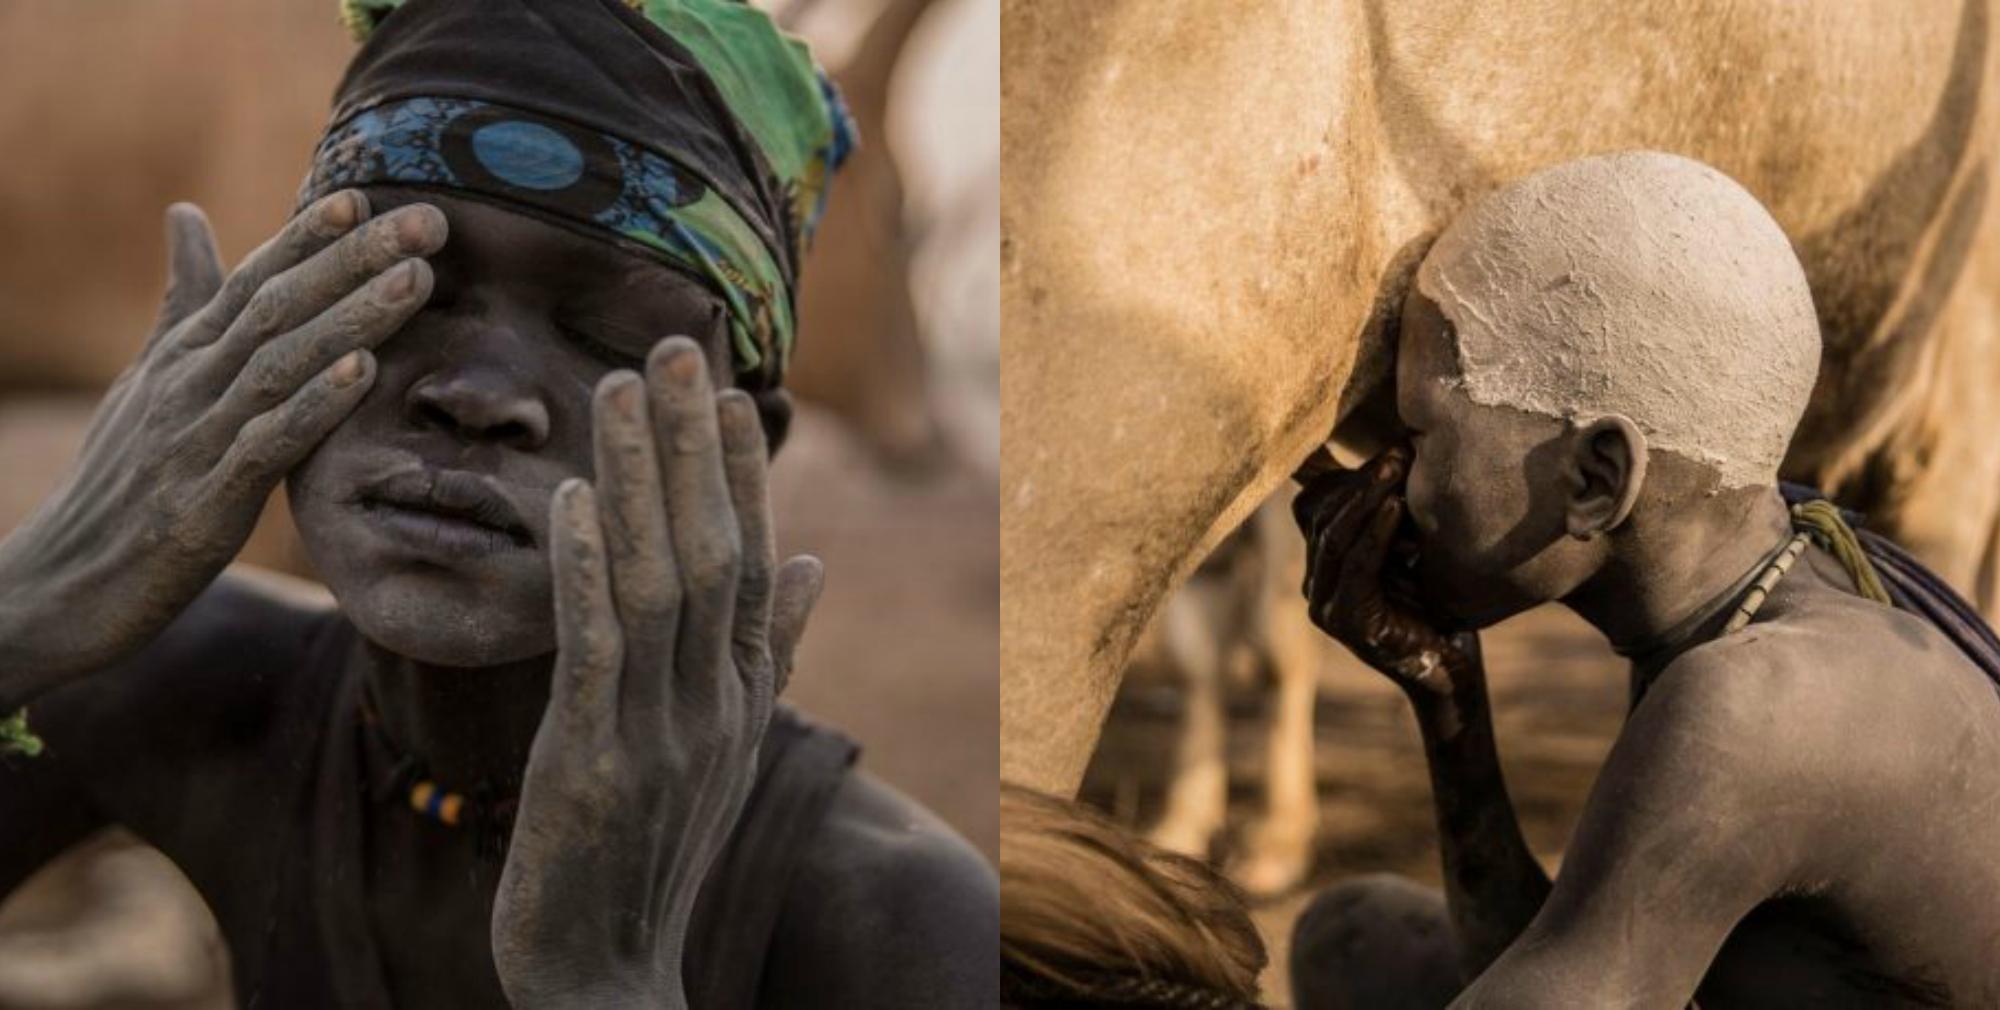 Յուրահատուկ դինկա ցեղը. նրանք երեխաներին կոչում են ցուլերի անուններով և գլուխները լվանում են այծի մեզով (լուսանկարներ)